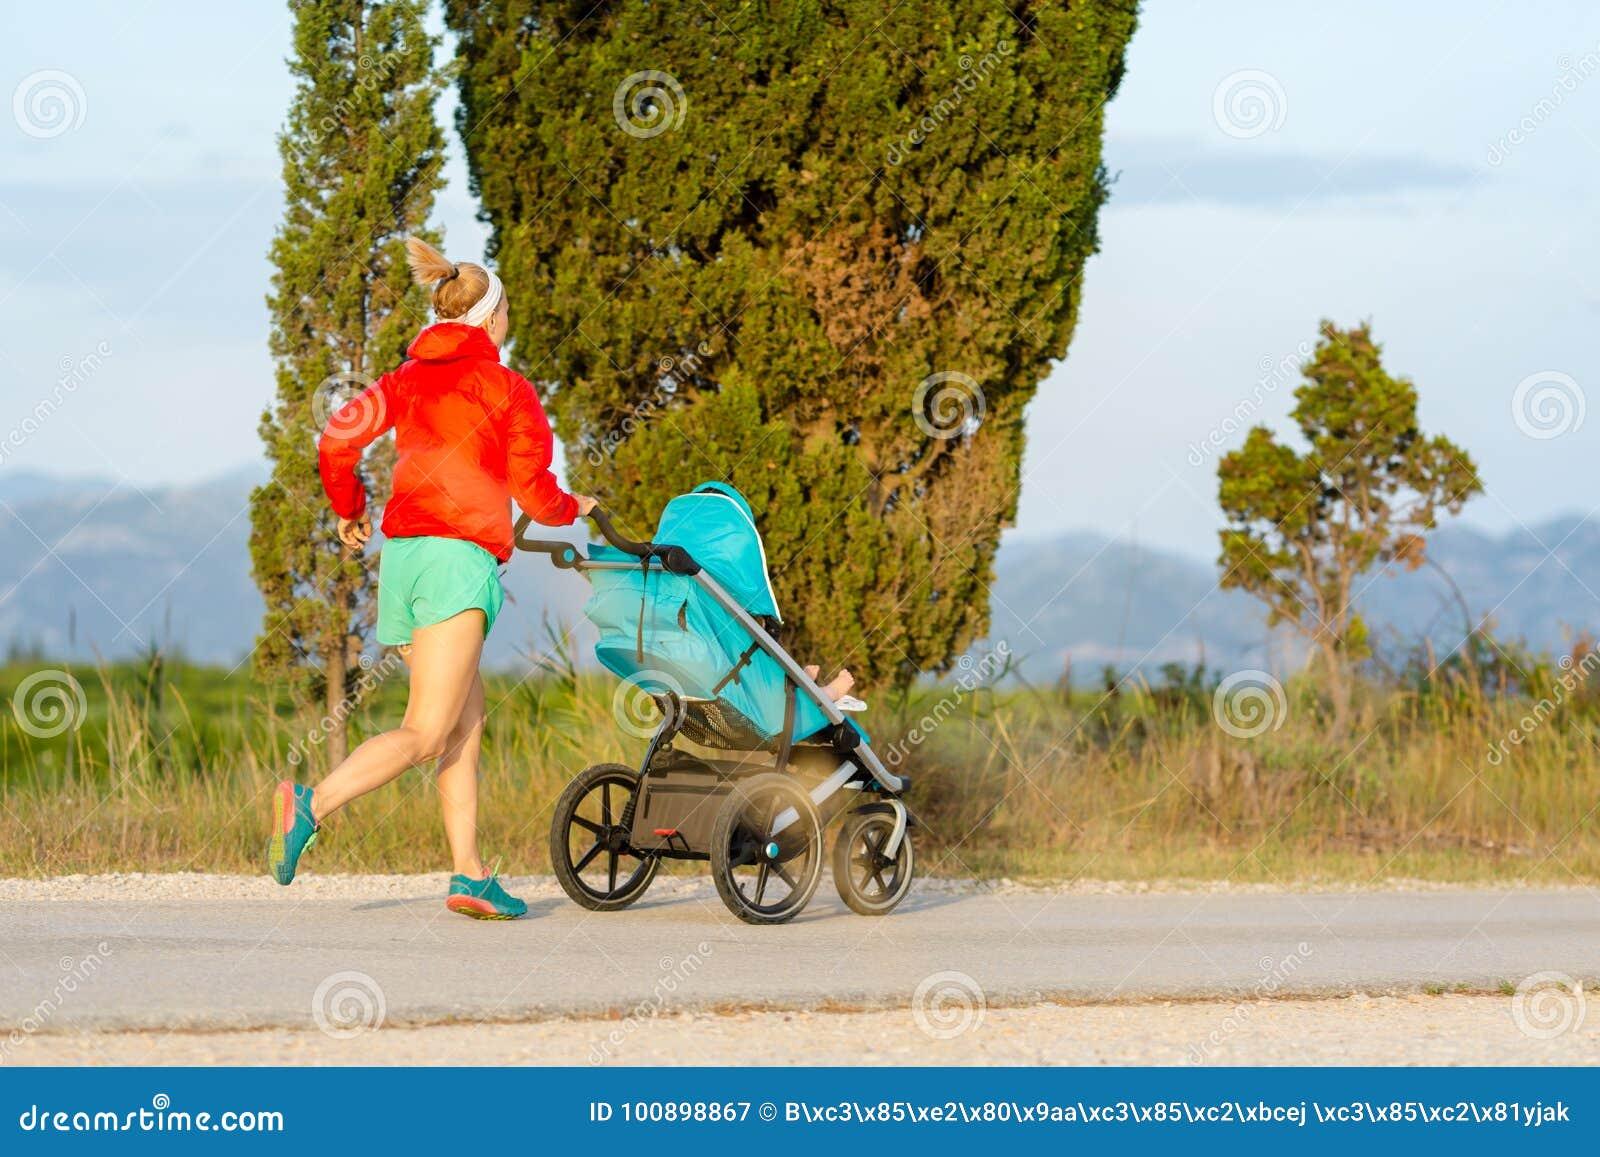 有享受母性的婴儿推车的连续母亲在日落登陆